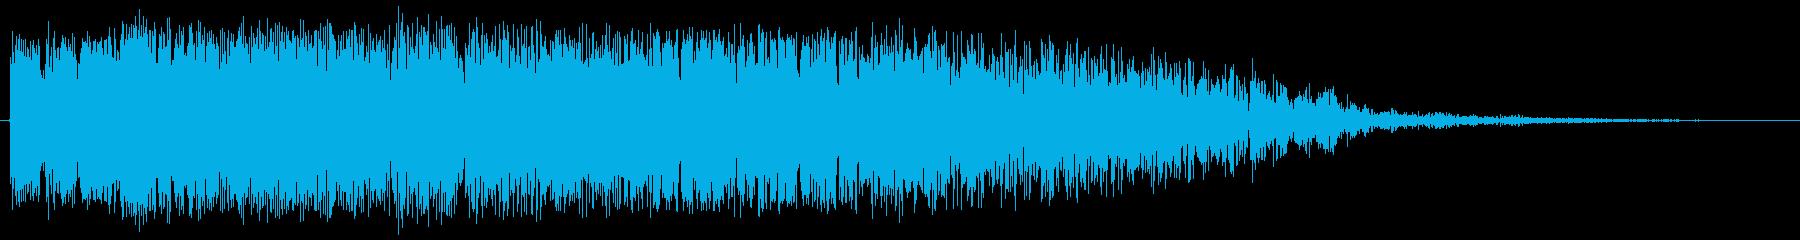 サイバージャンプの再生済みの波形